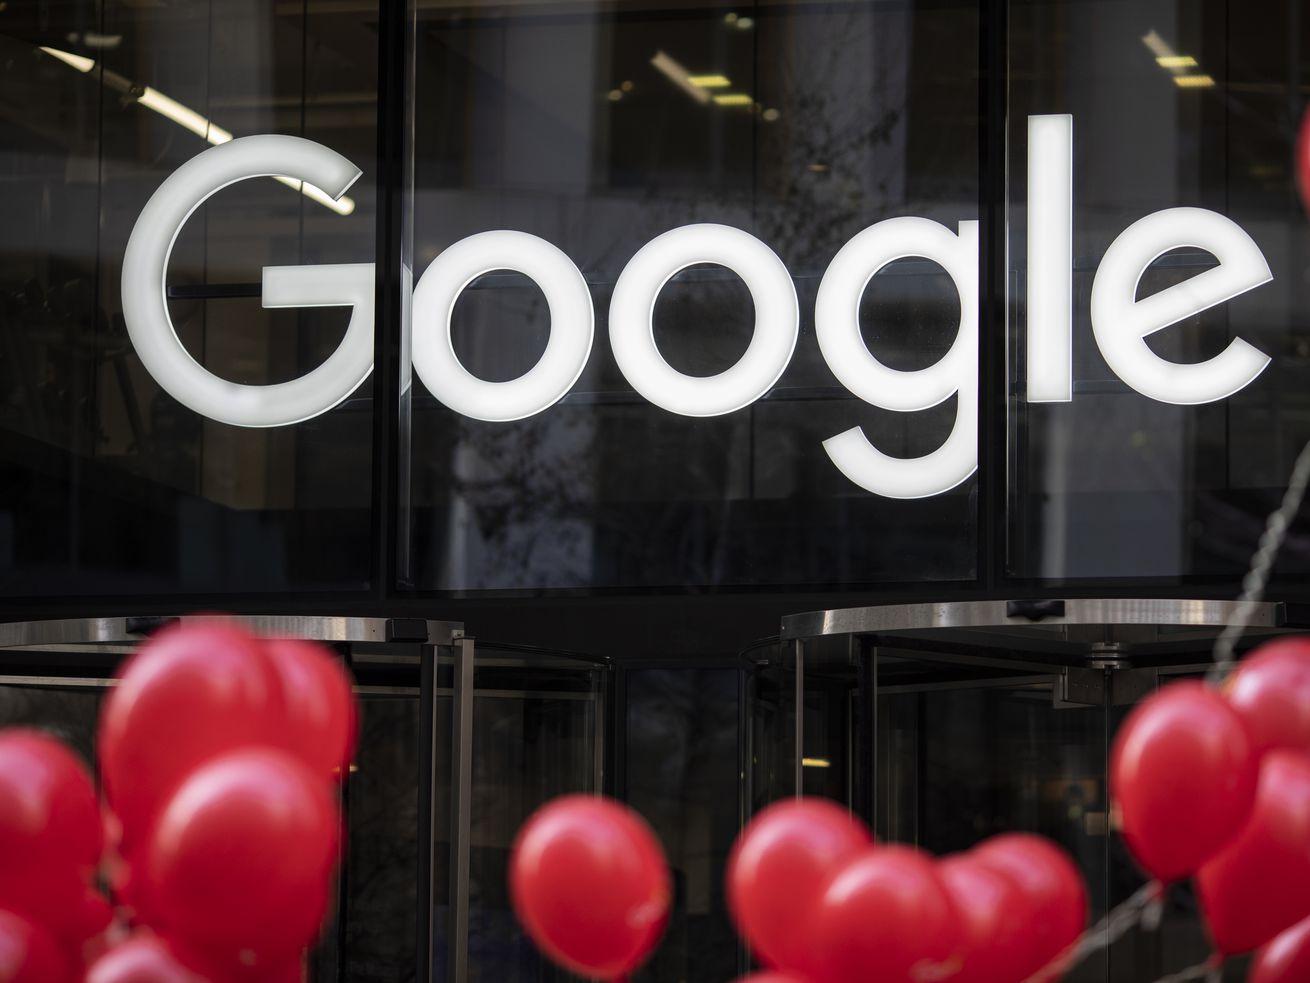 Google's office in London.